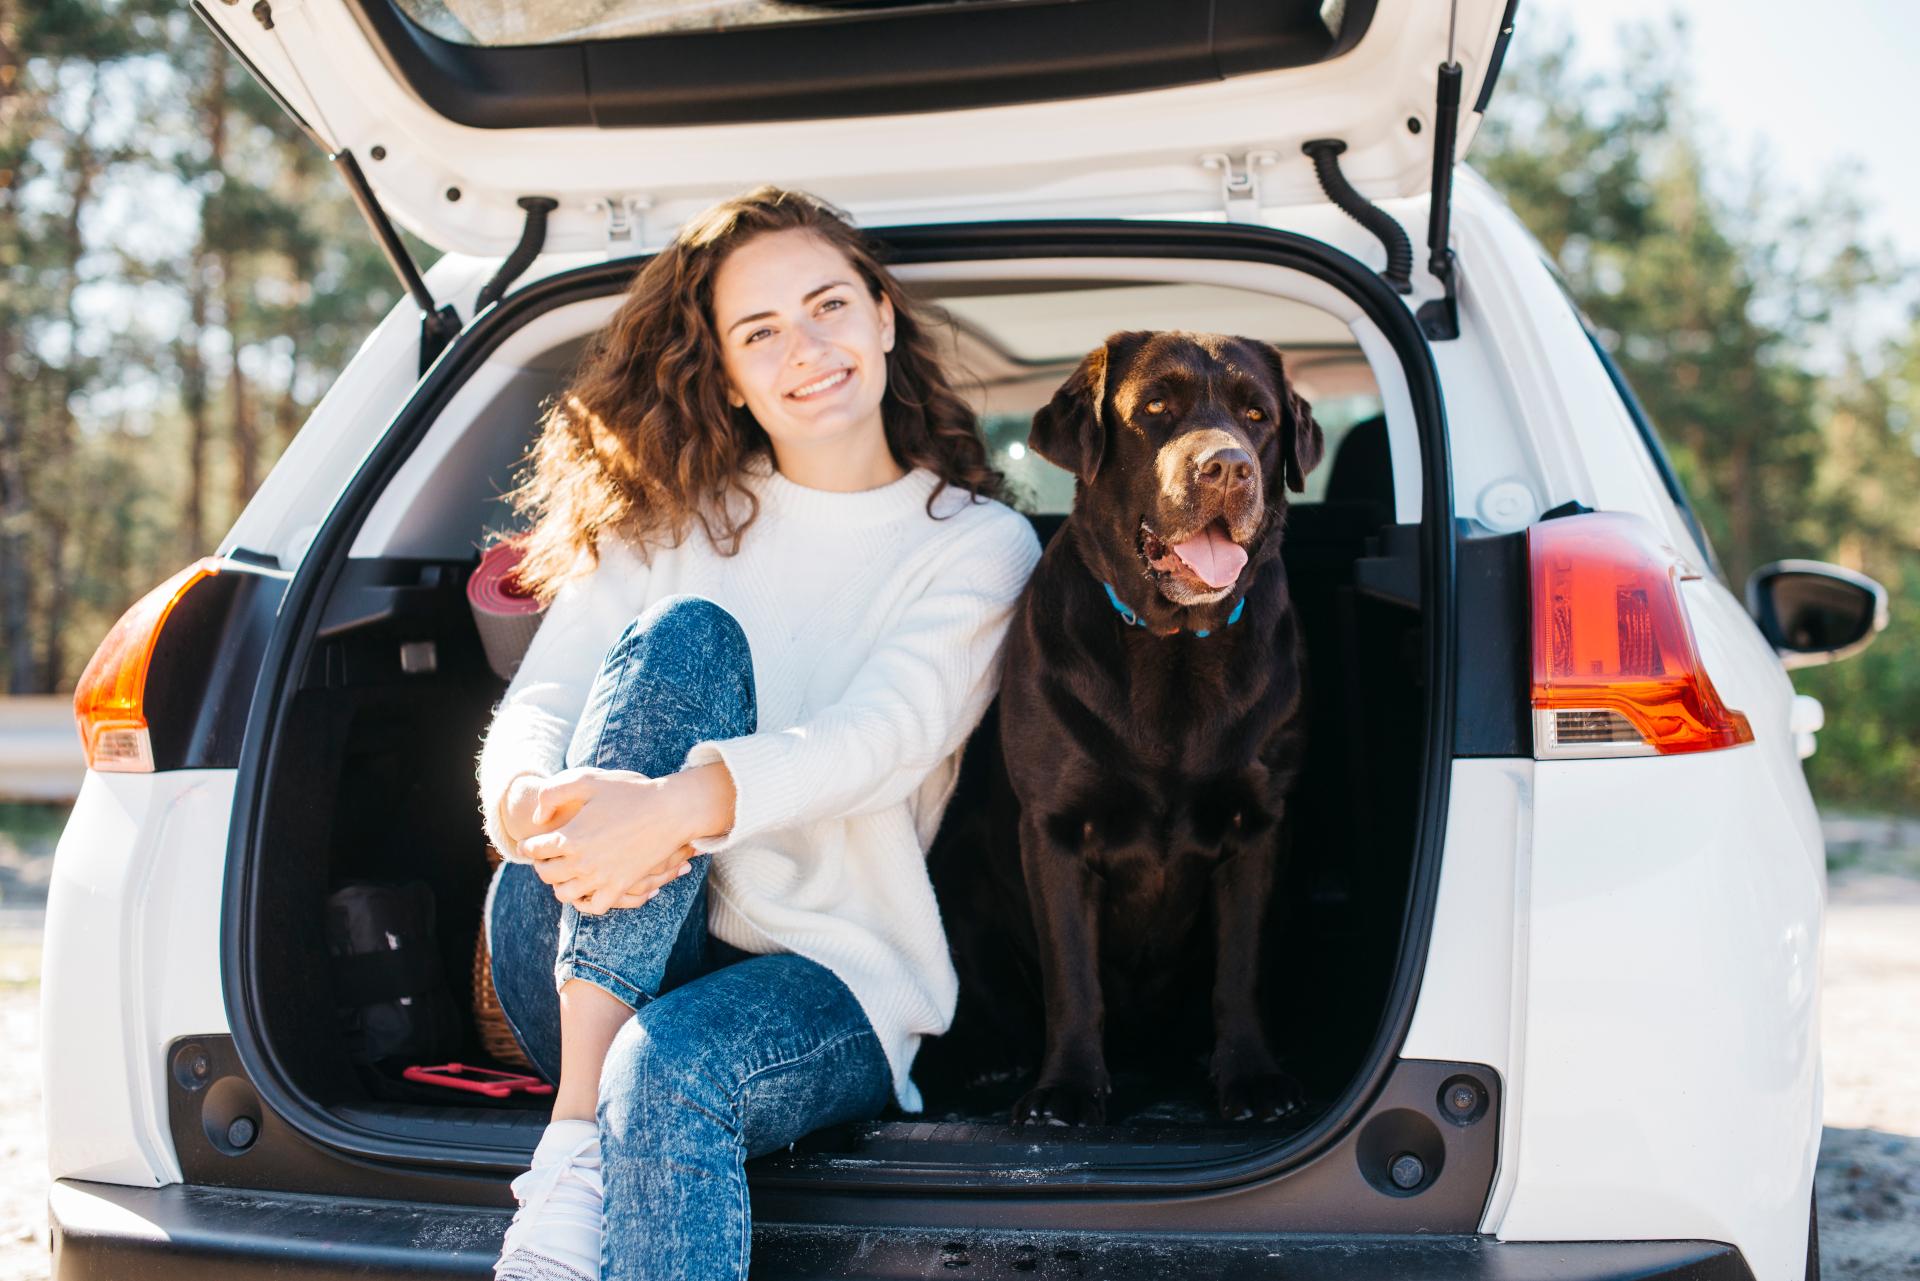 Choroba lokomocyjna u psa. Duży pies oraz jego właścicielka siedzą w bagażniku samochodu